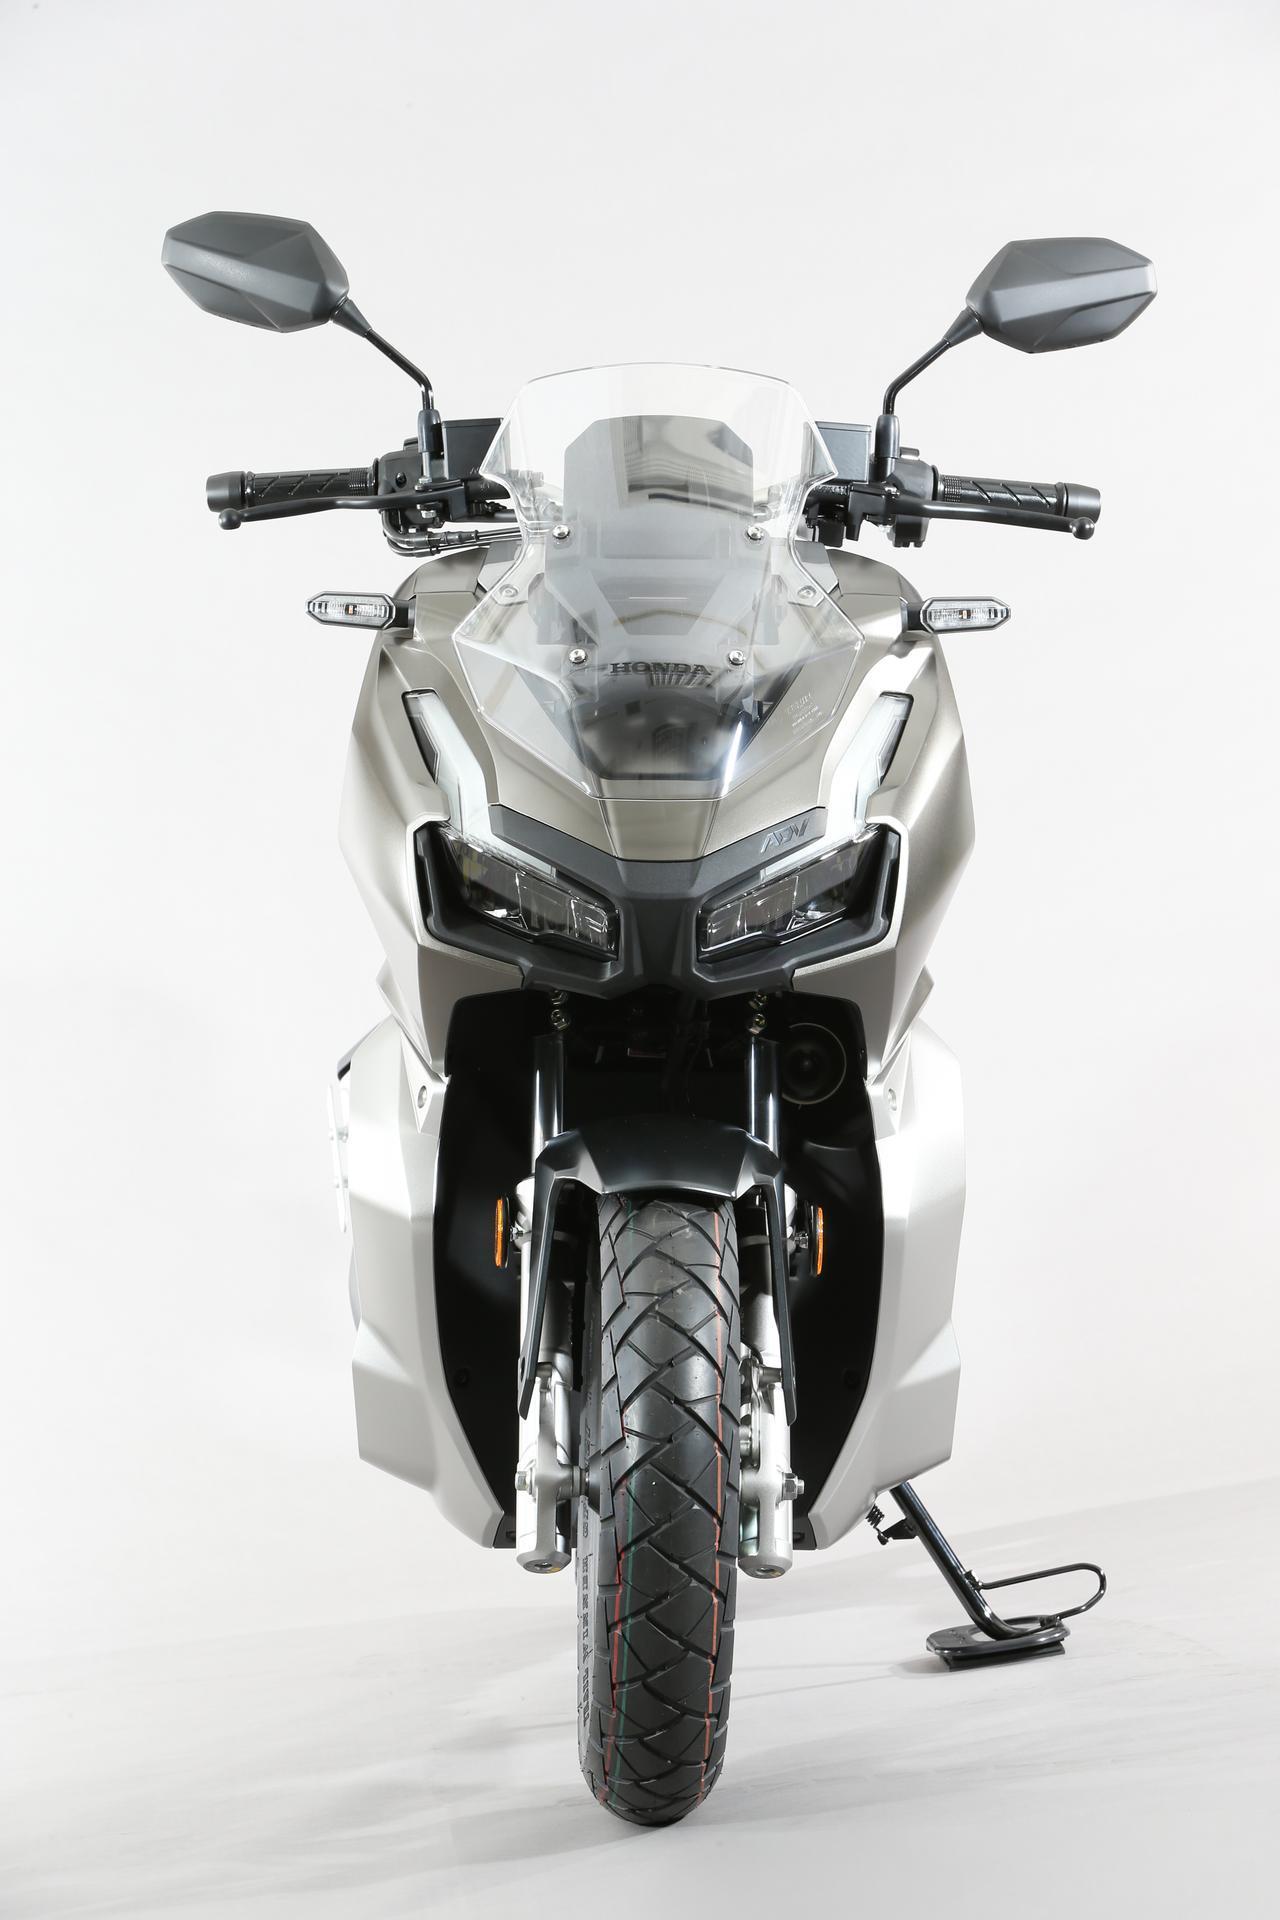 画像4: ADV150 東京モーターショー参考出品車(市販予定車)